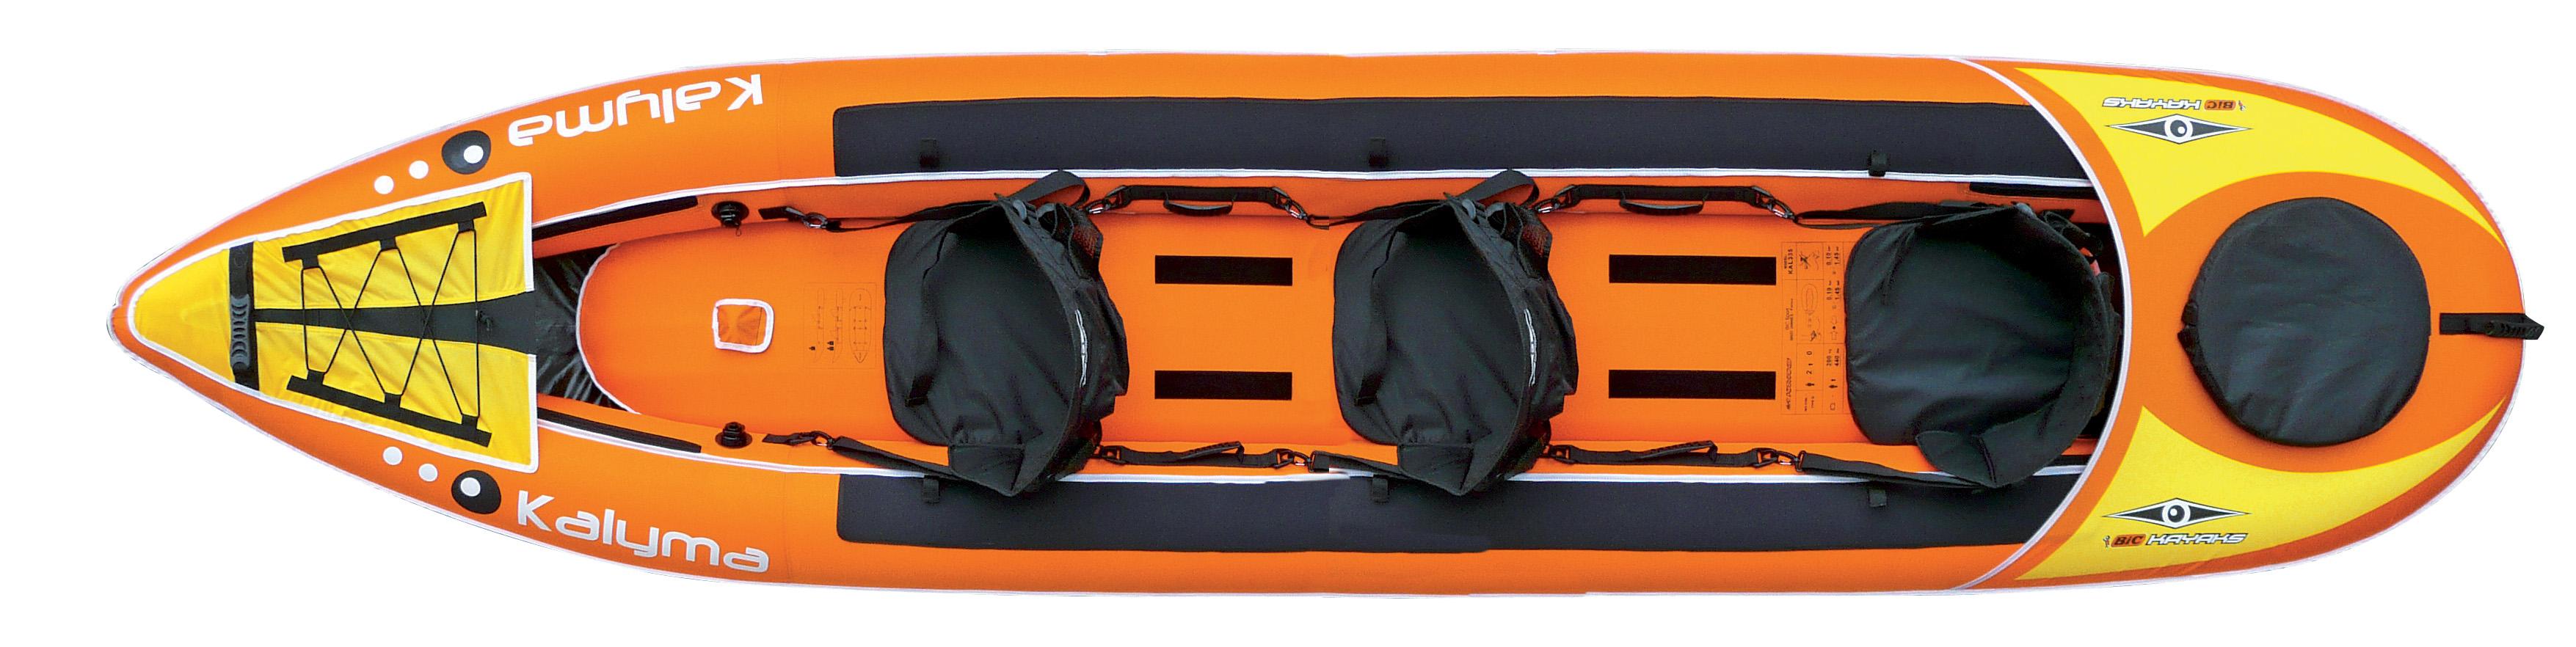 Kayak Bic kalyma trio